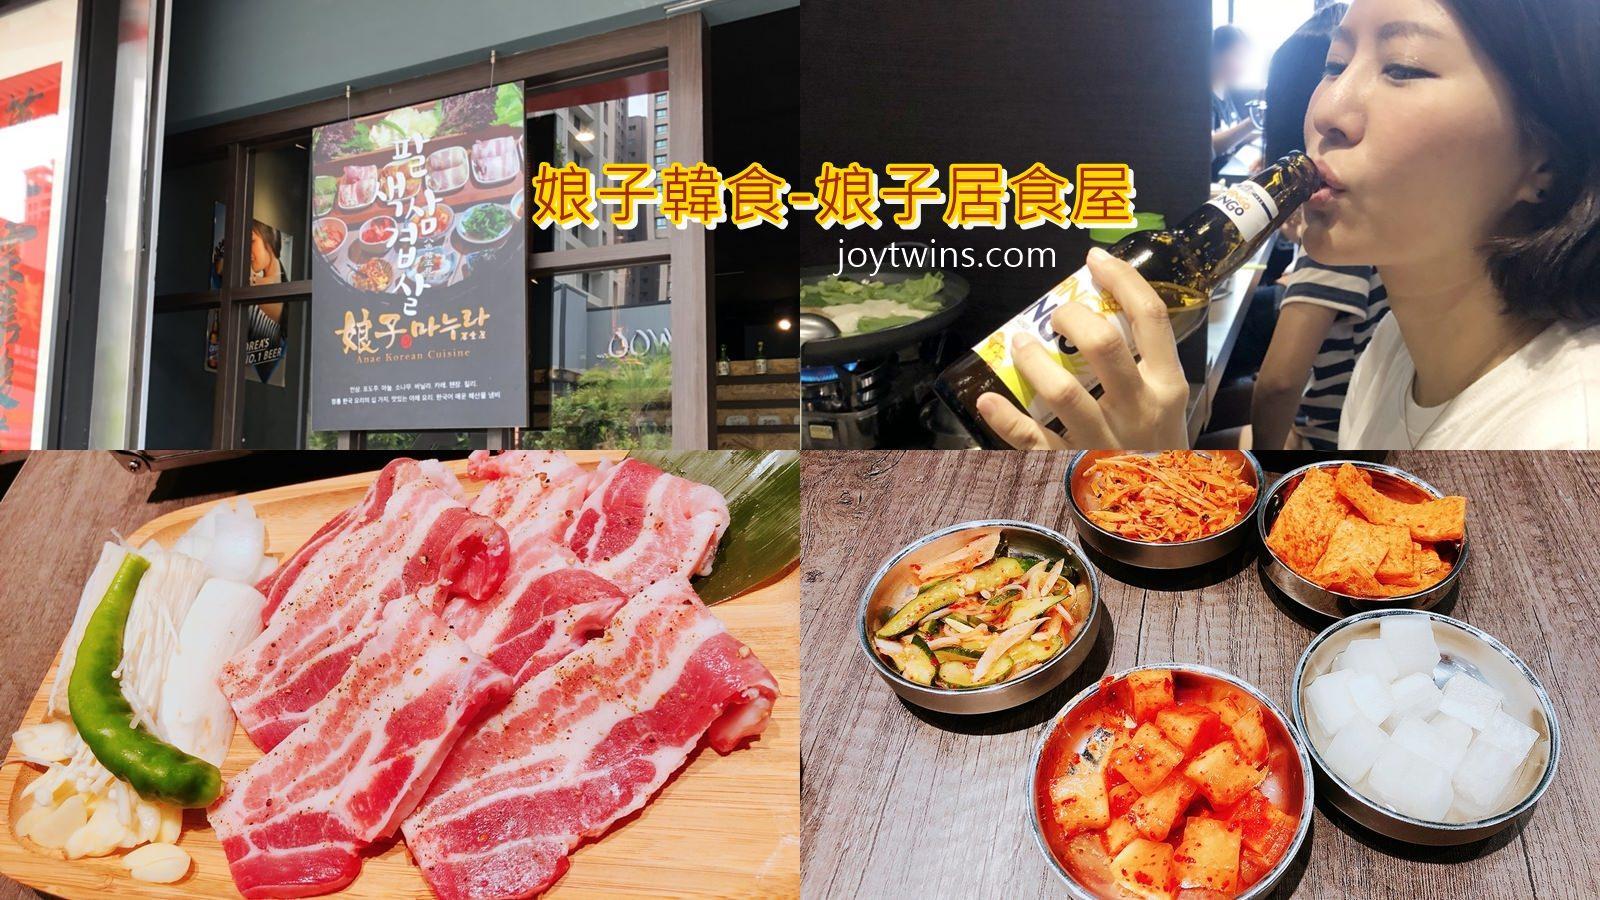 【高雄】鼓山 美食 娘子居食屋 韓式烤肉 八色烤肉 豬五花 美味道地韓食